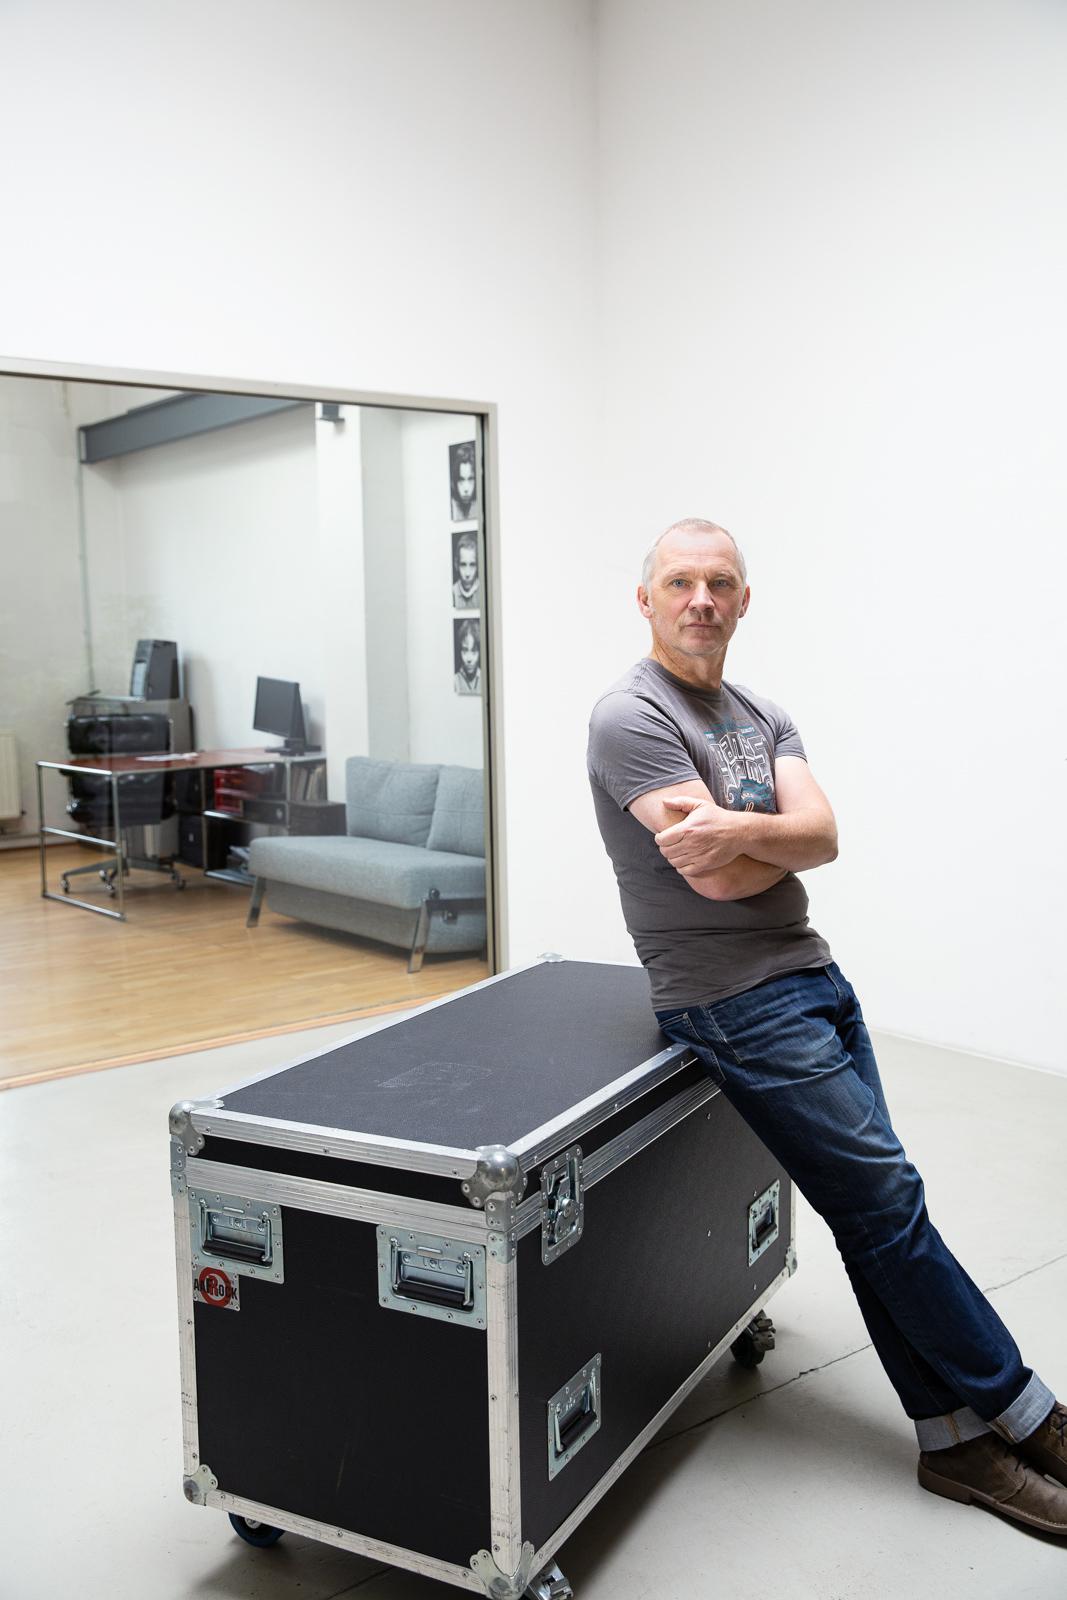 Klaus sitzt auf einem Rollkoffer